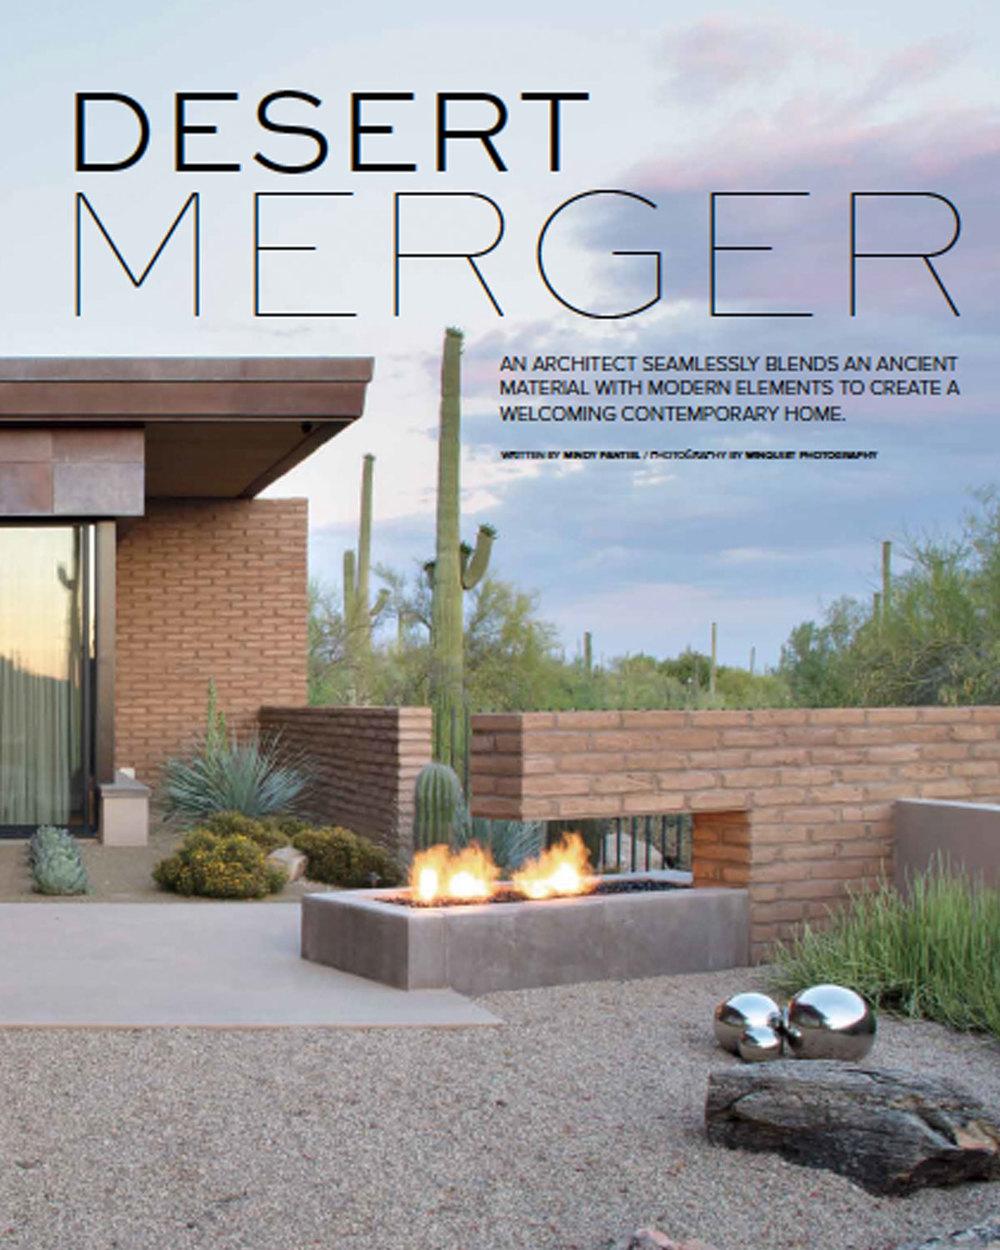 Luxe Desert Merger